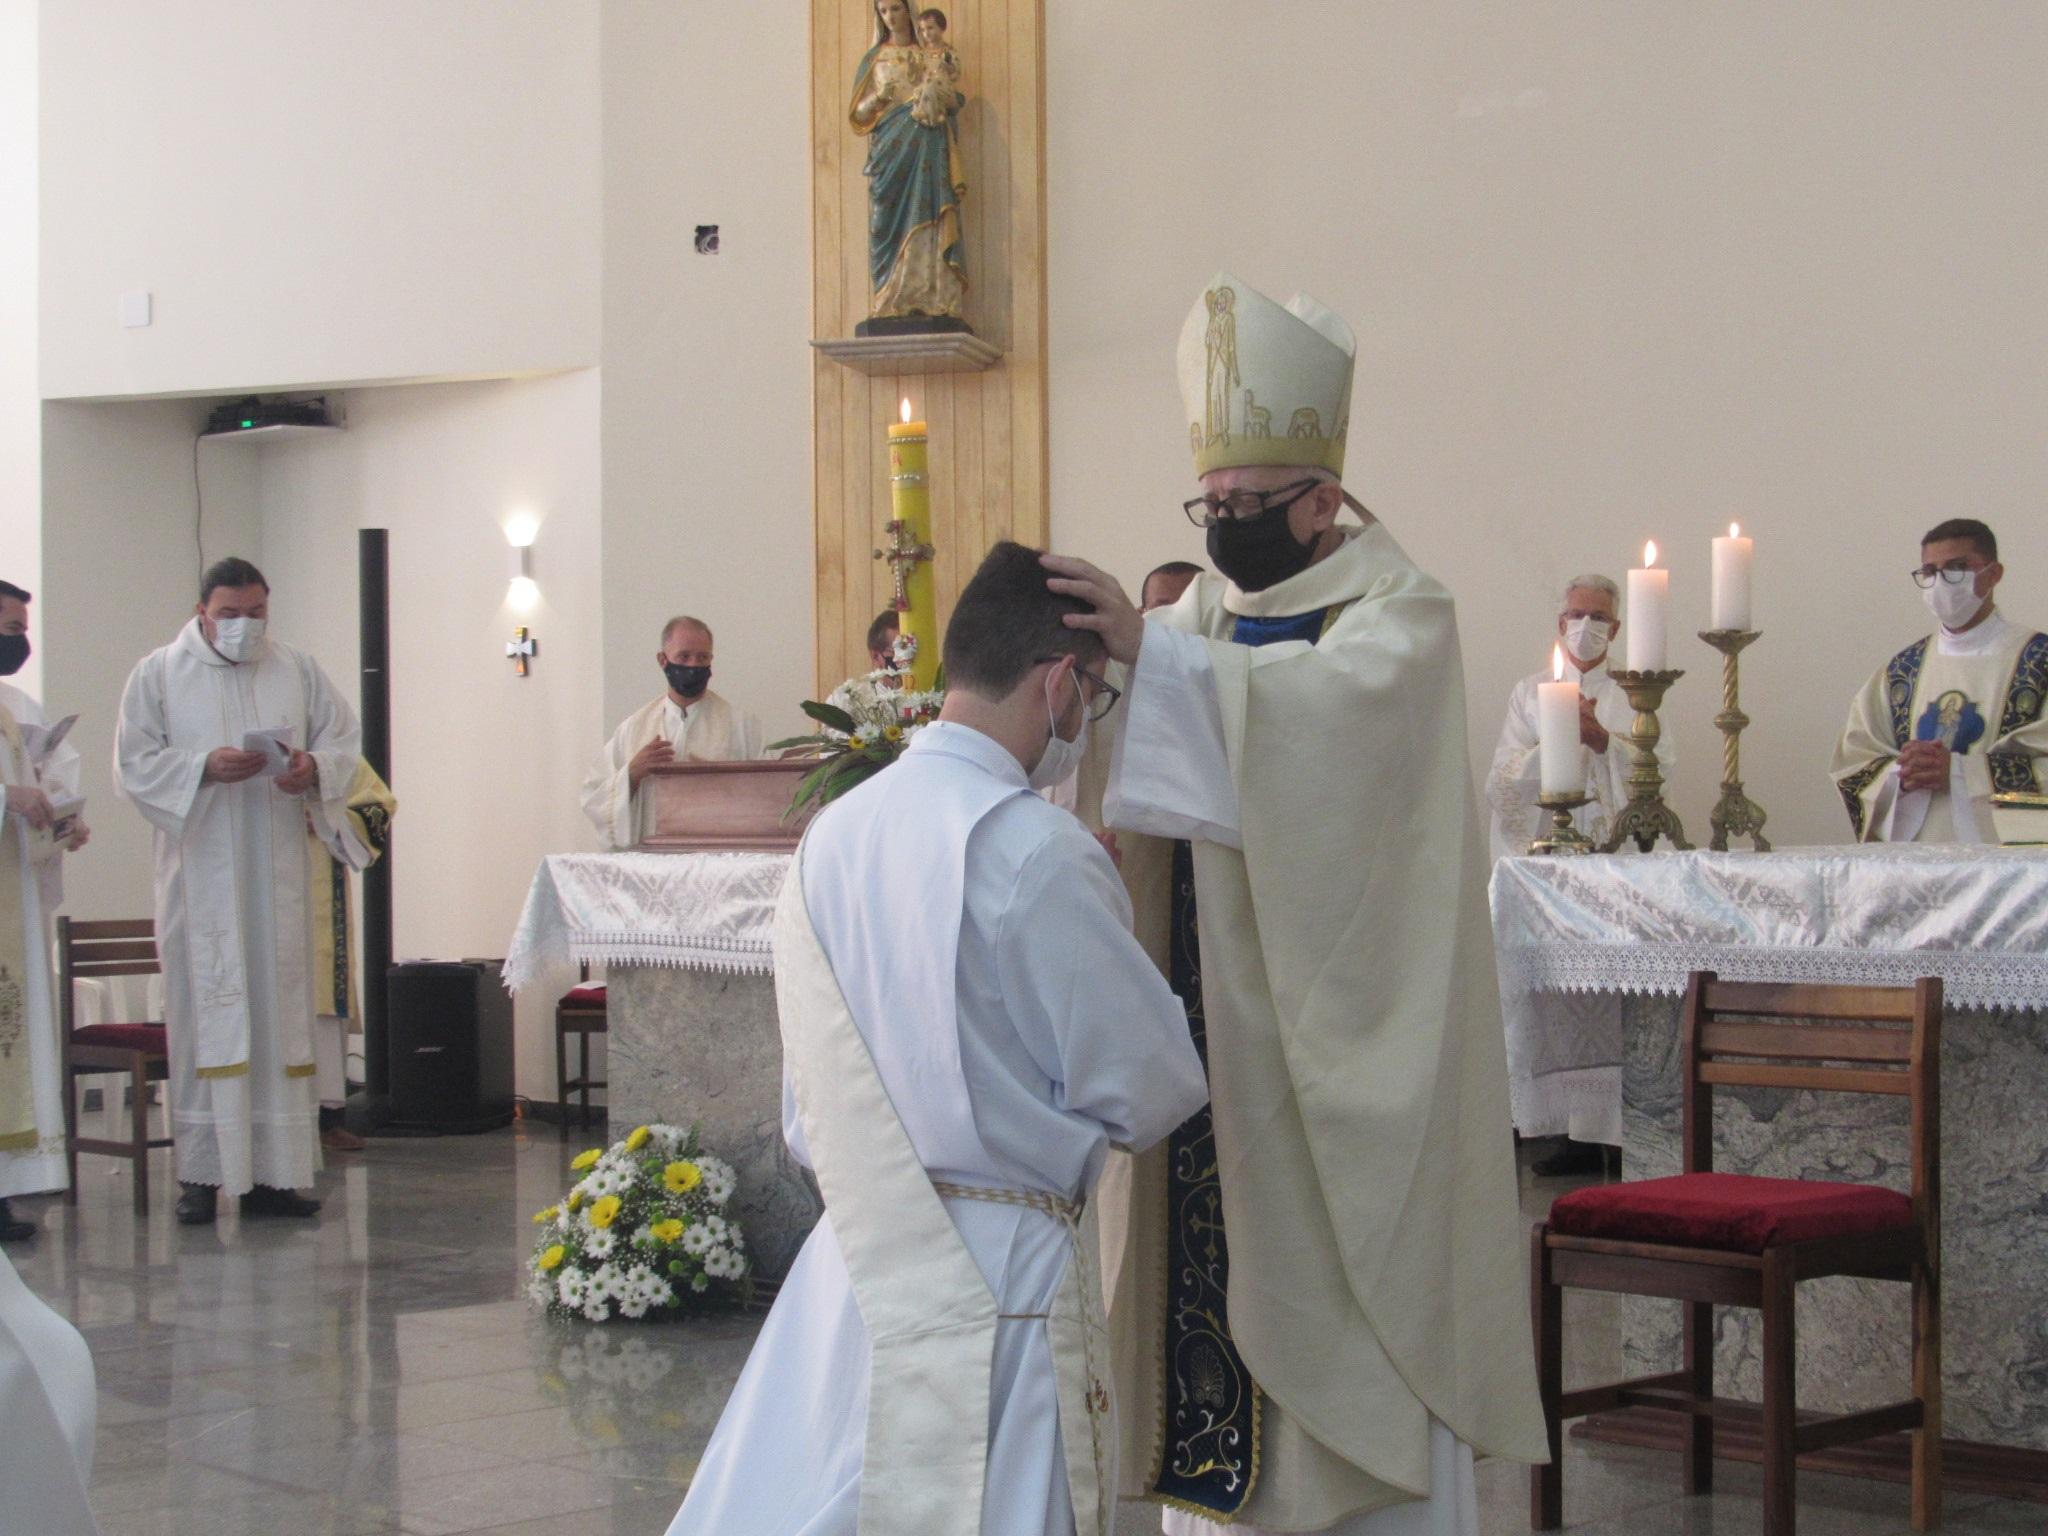 Dom Sergio ordena novo sacerdote em Castro